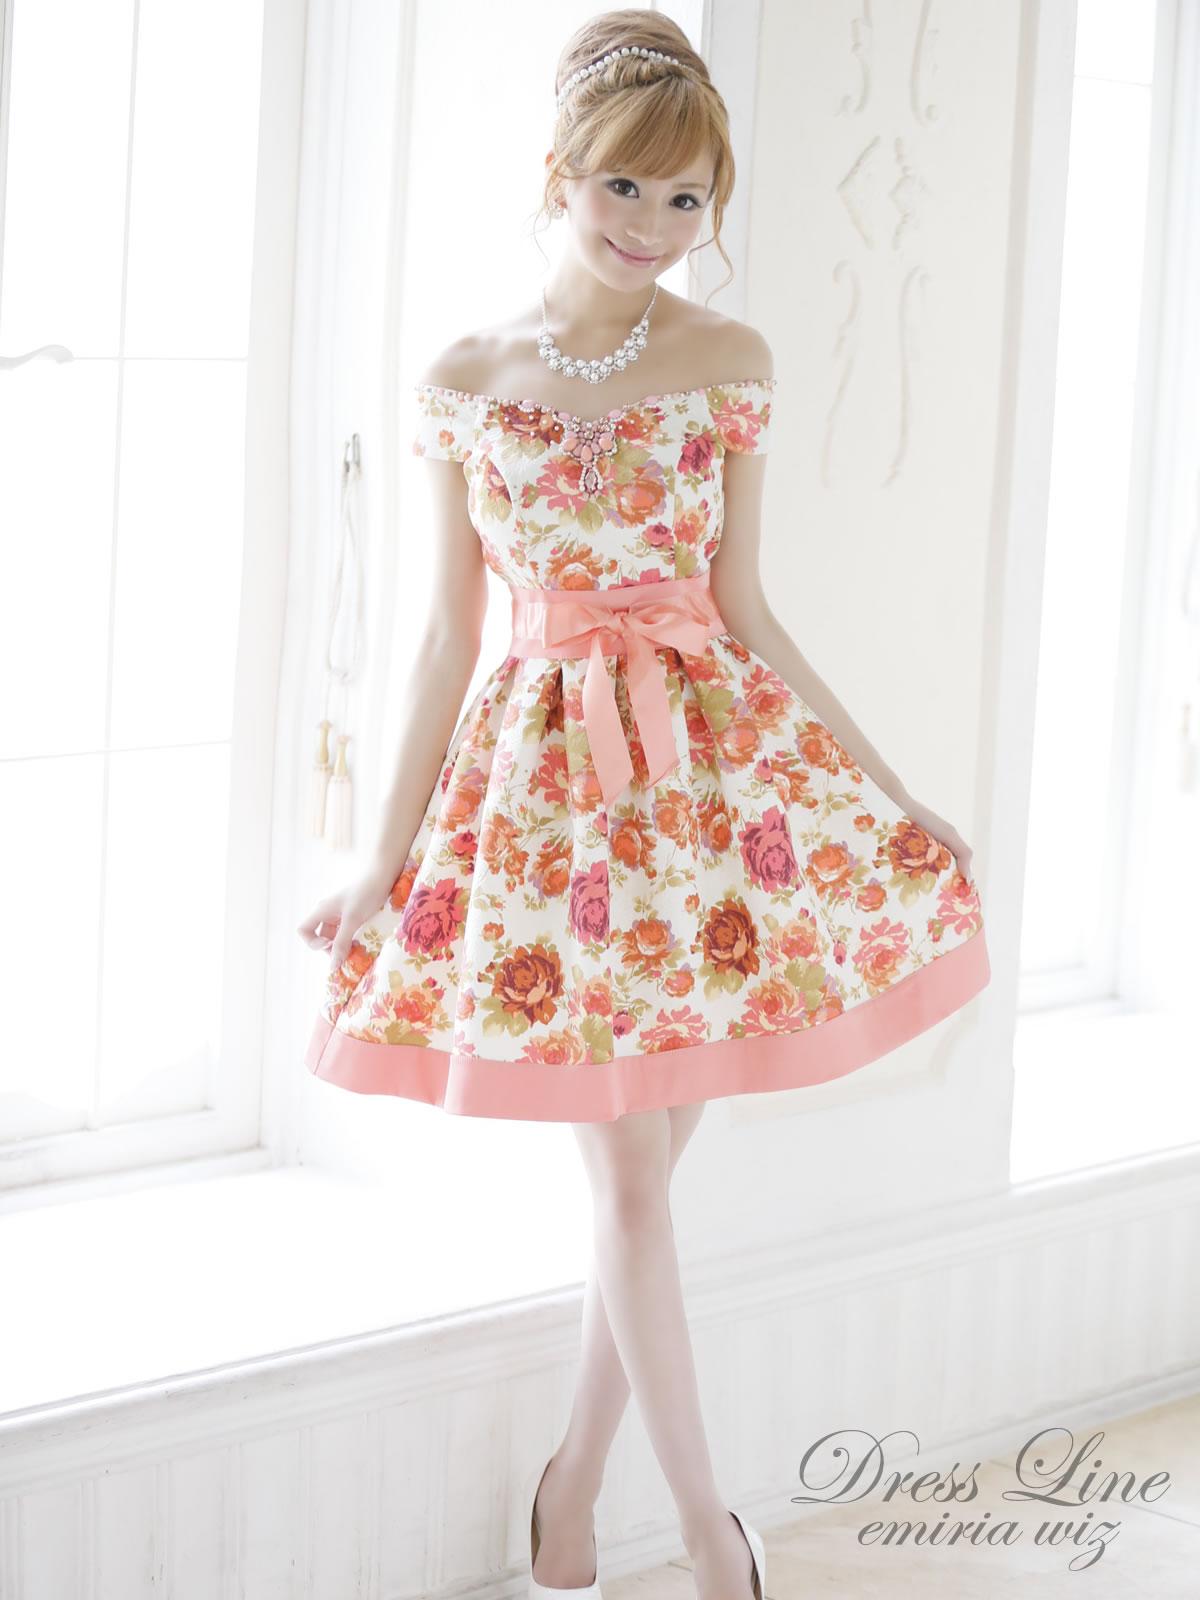 加藤茶の嫁(加藤綾菜)が結婚式で着たのと同じドレス